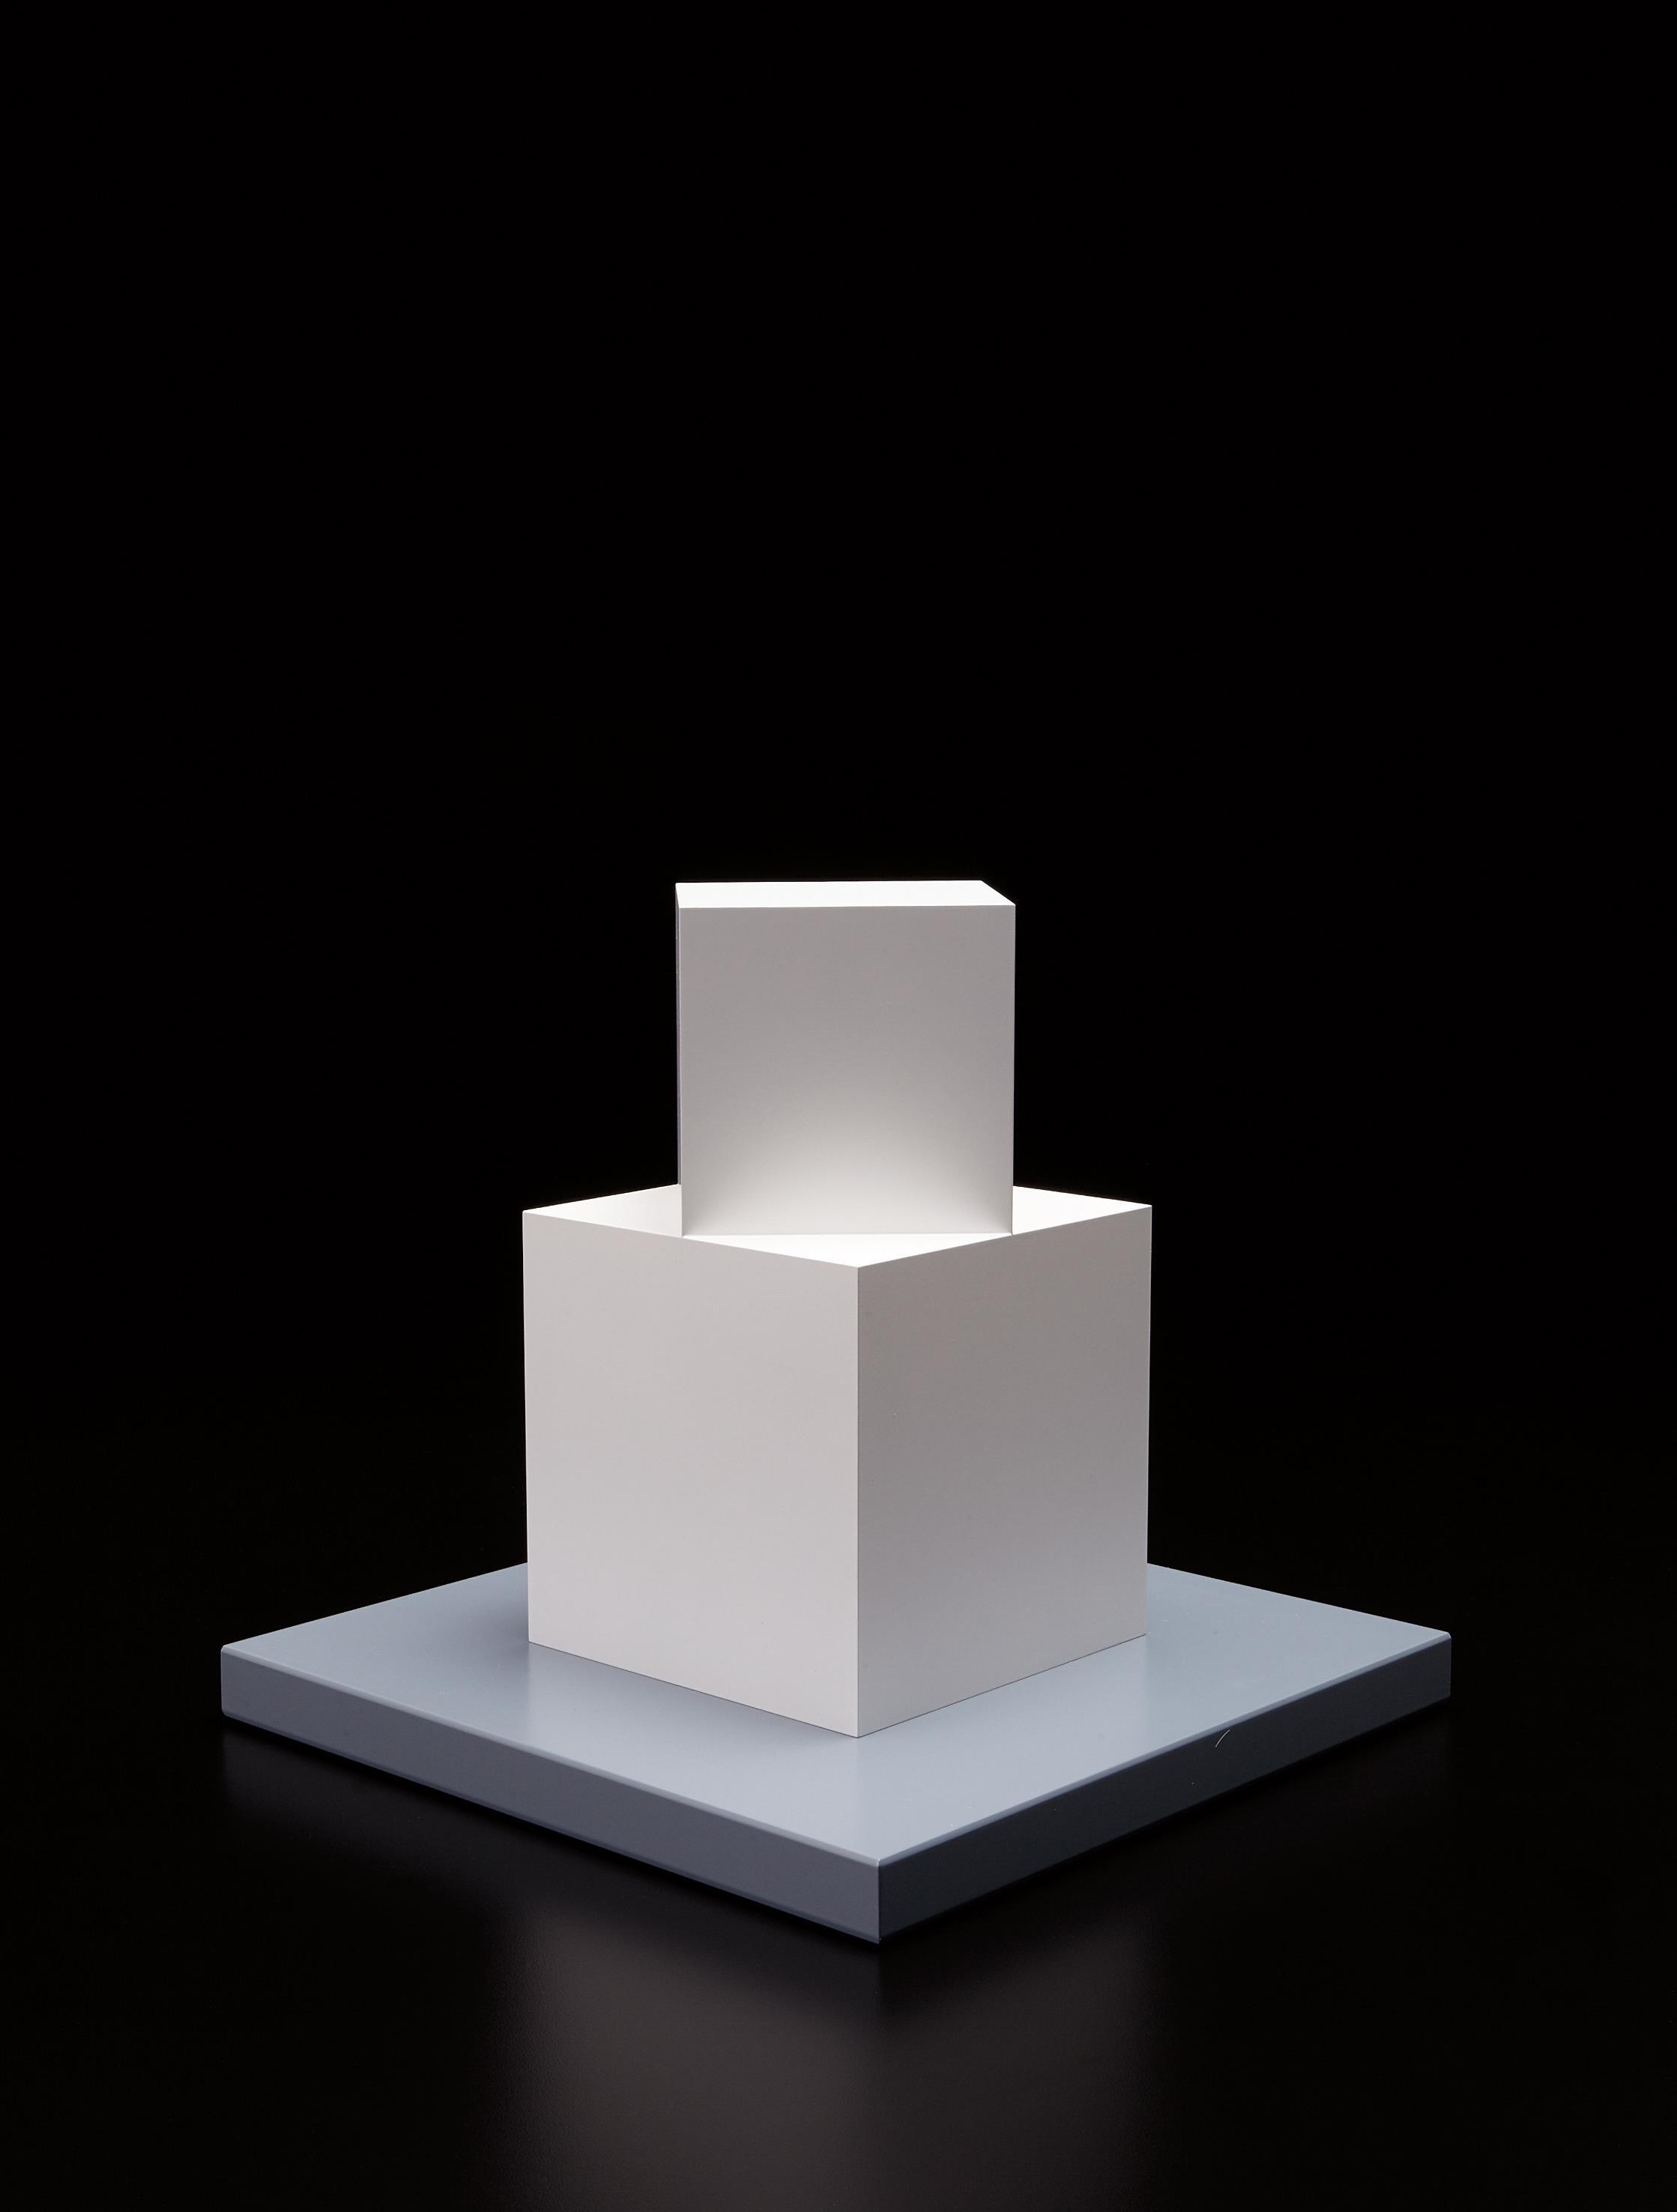 Sol LeWitt-Cube on a Cube-2005